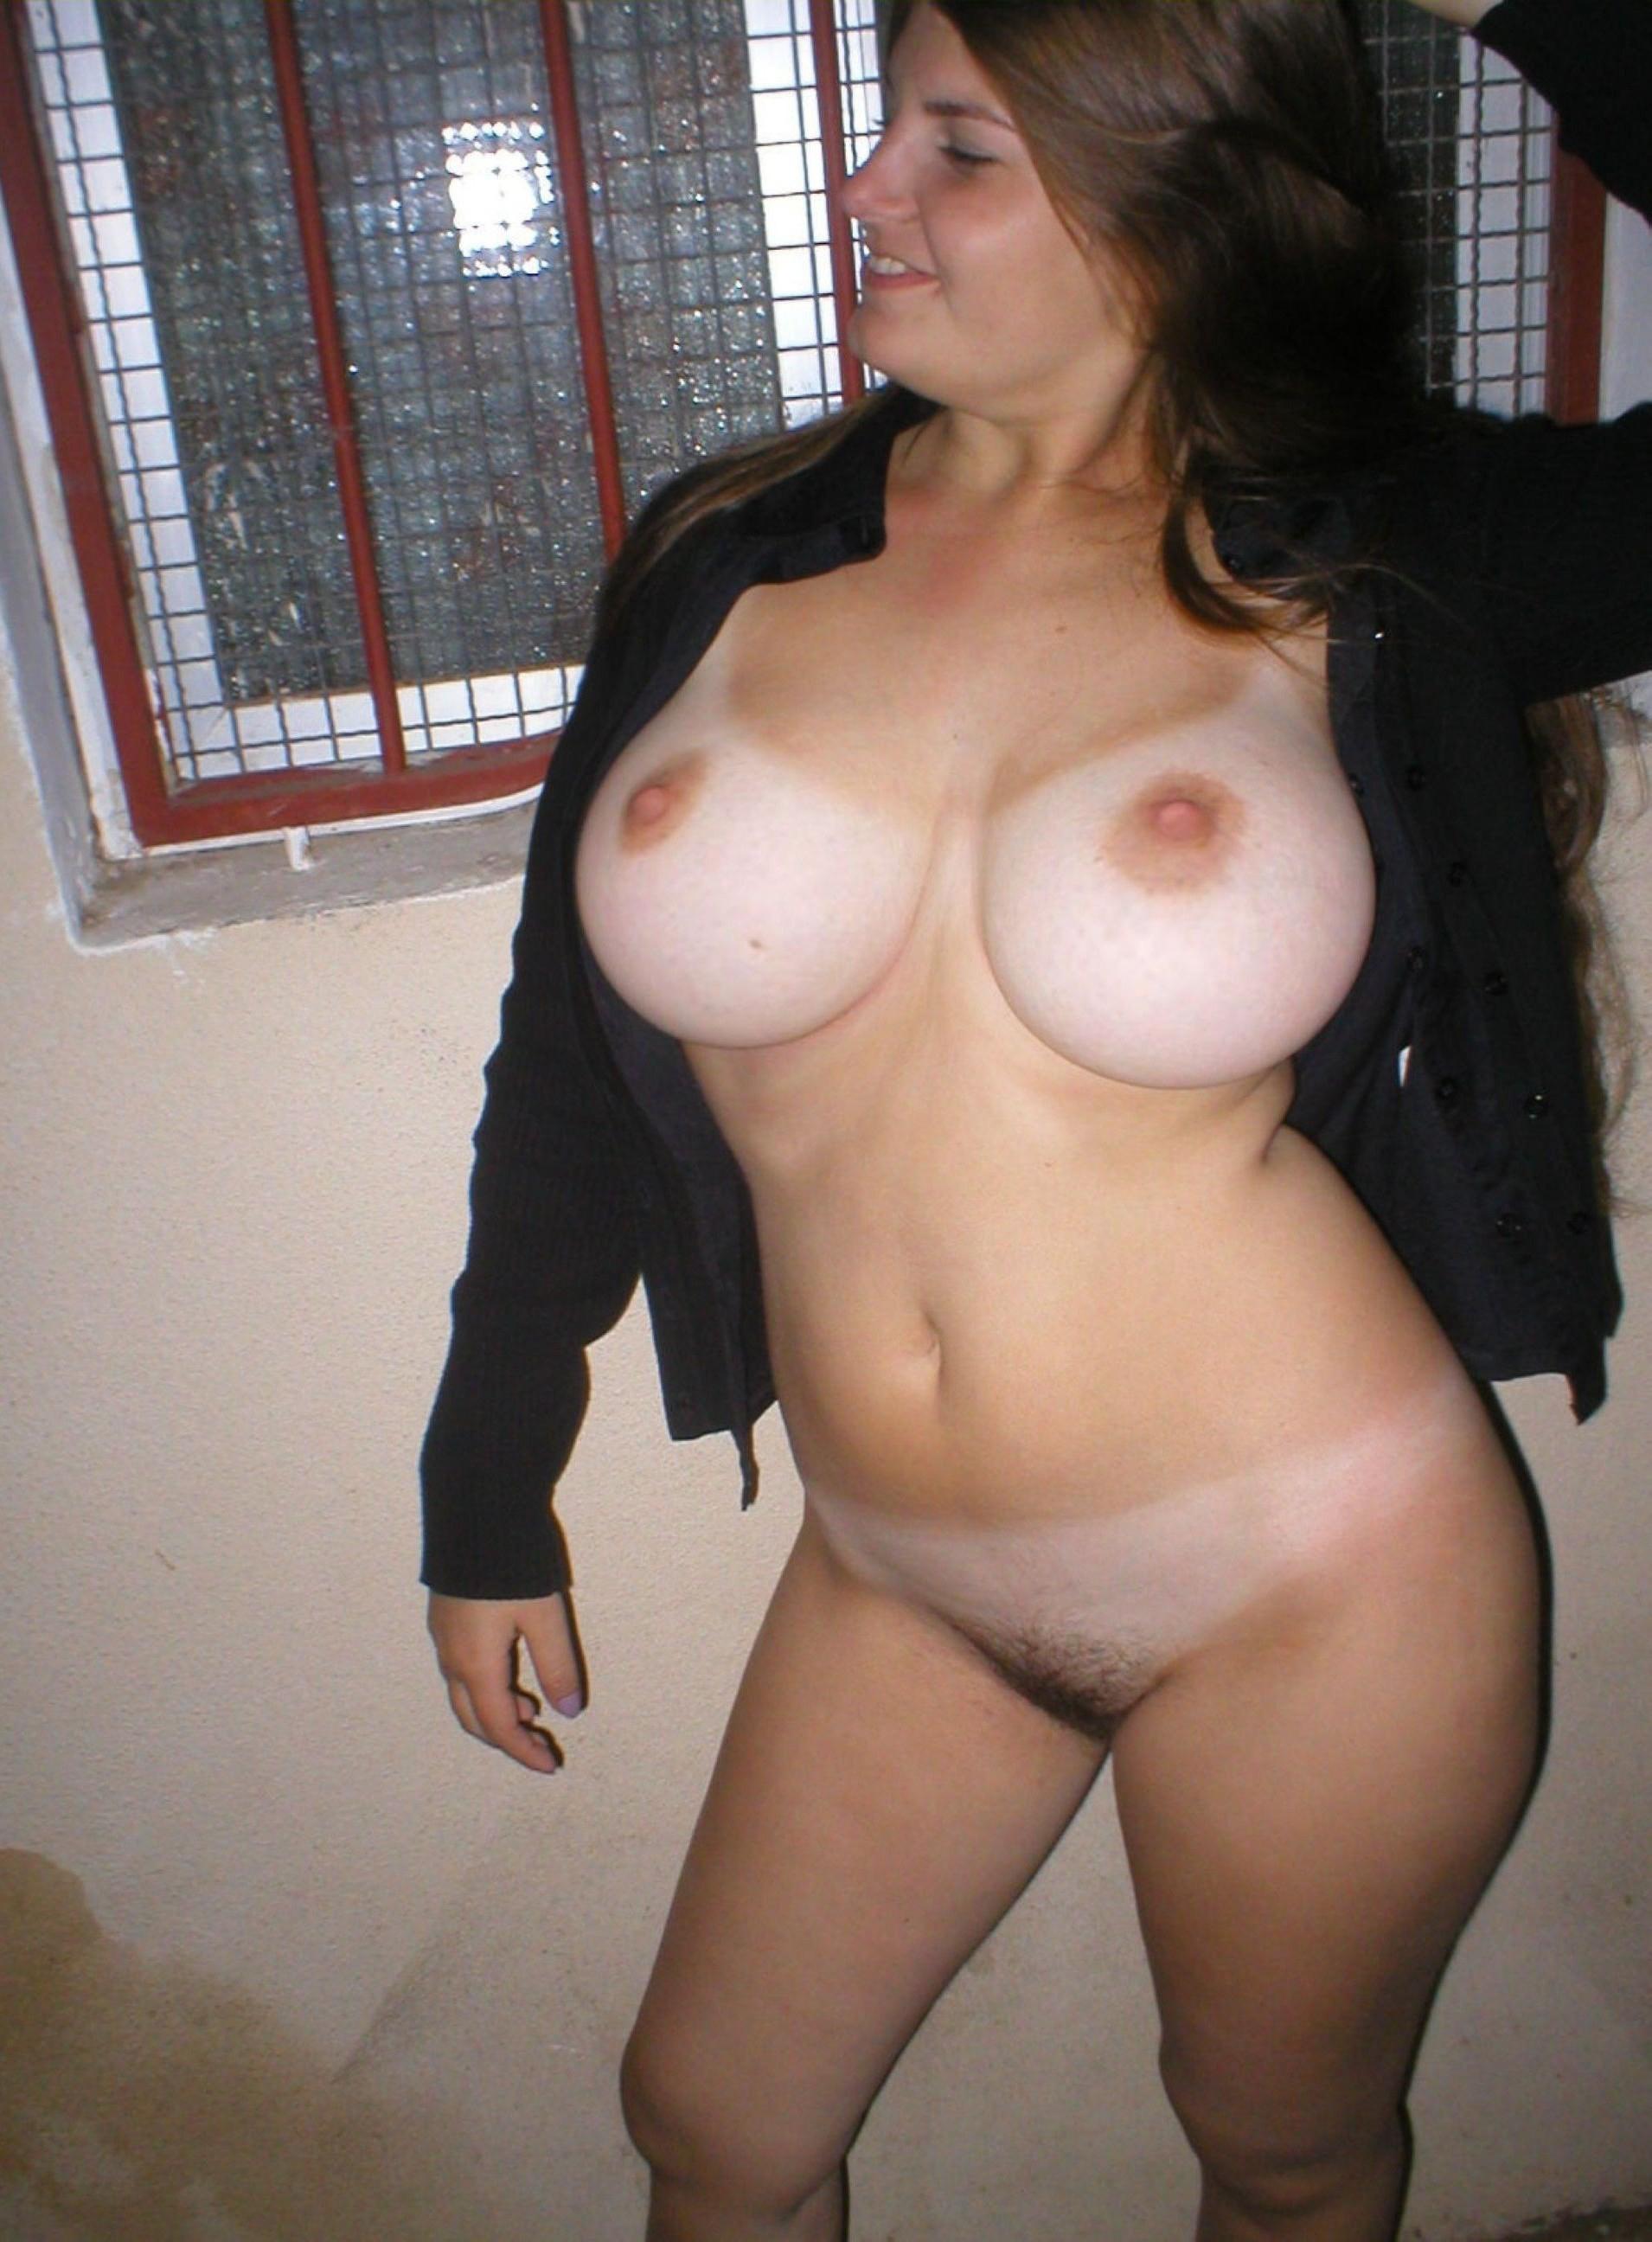 Женские сиськи порно фото, порно жизнь чукчей